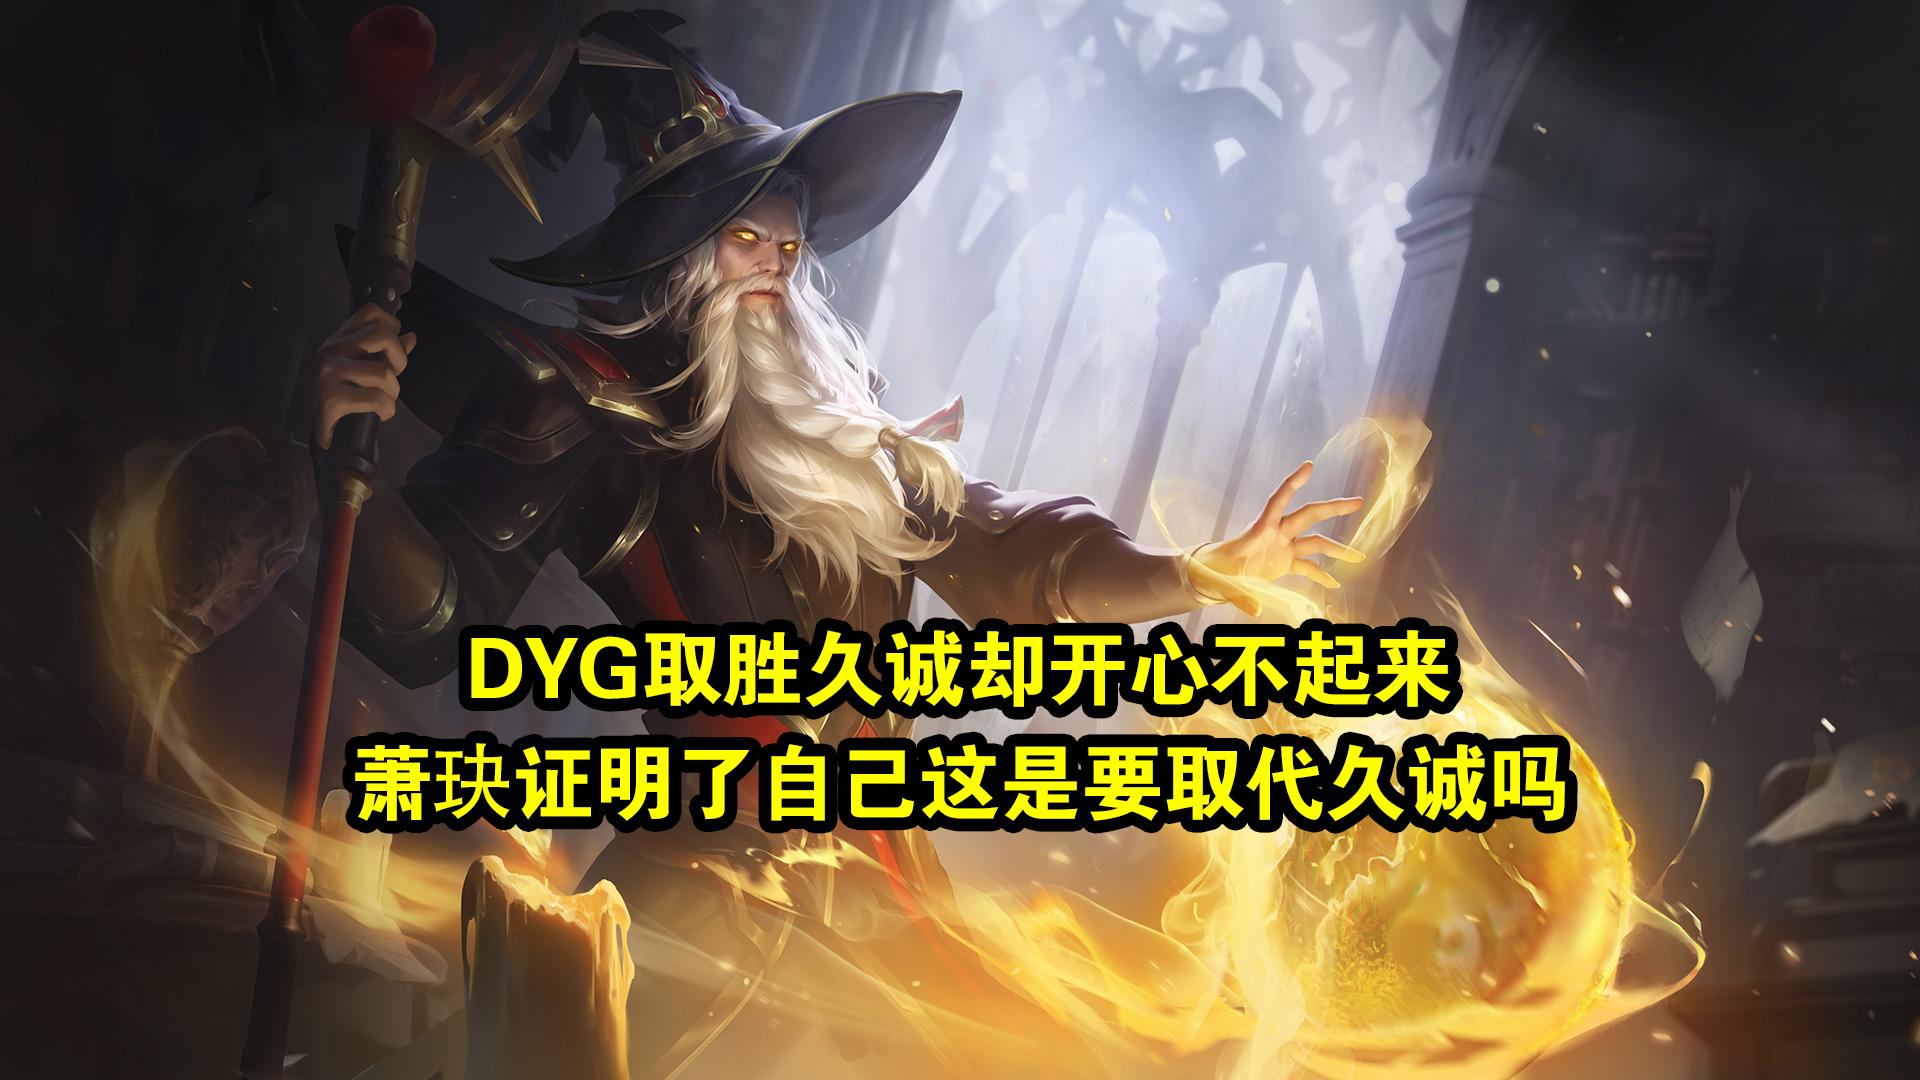 DYG取勝久誠卻開心不起來,蕭玦證明瞭自己這是要取代嗎?